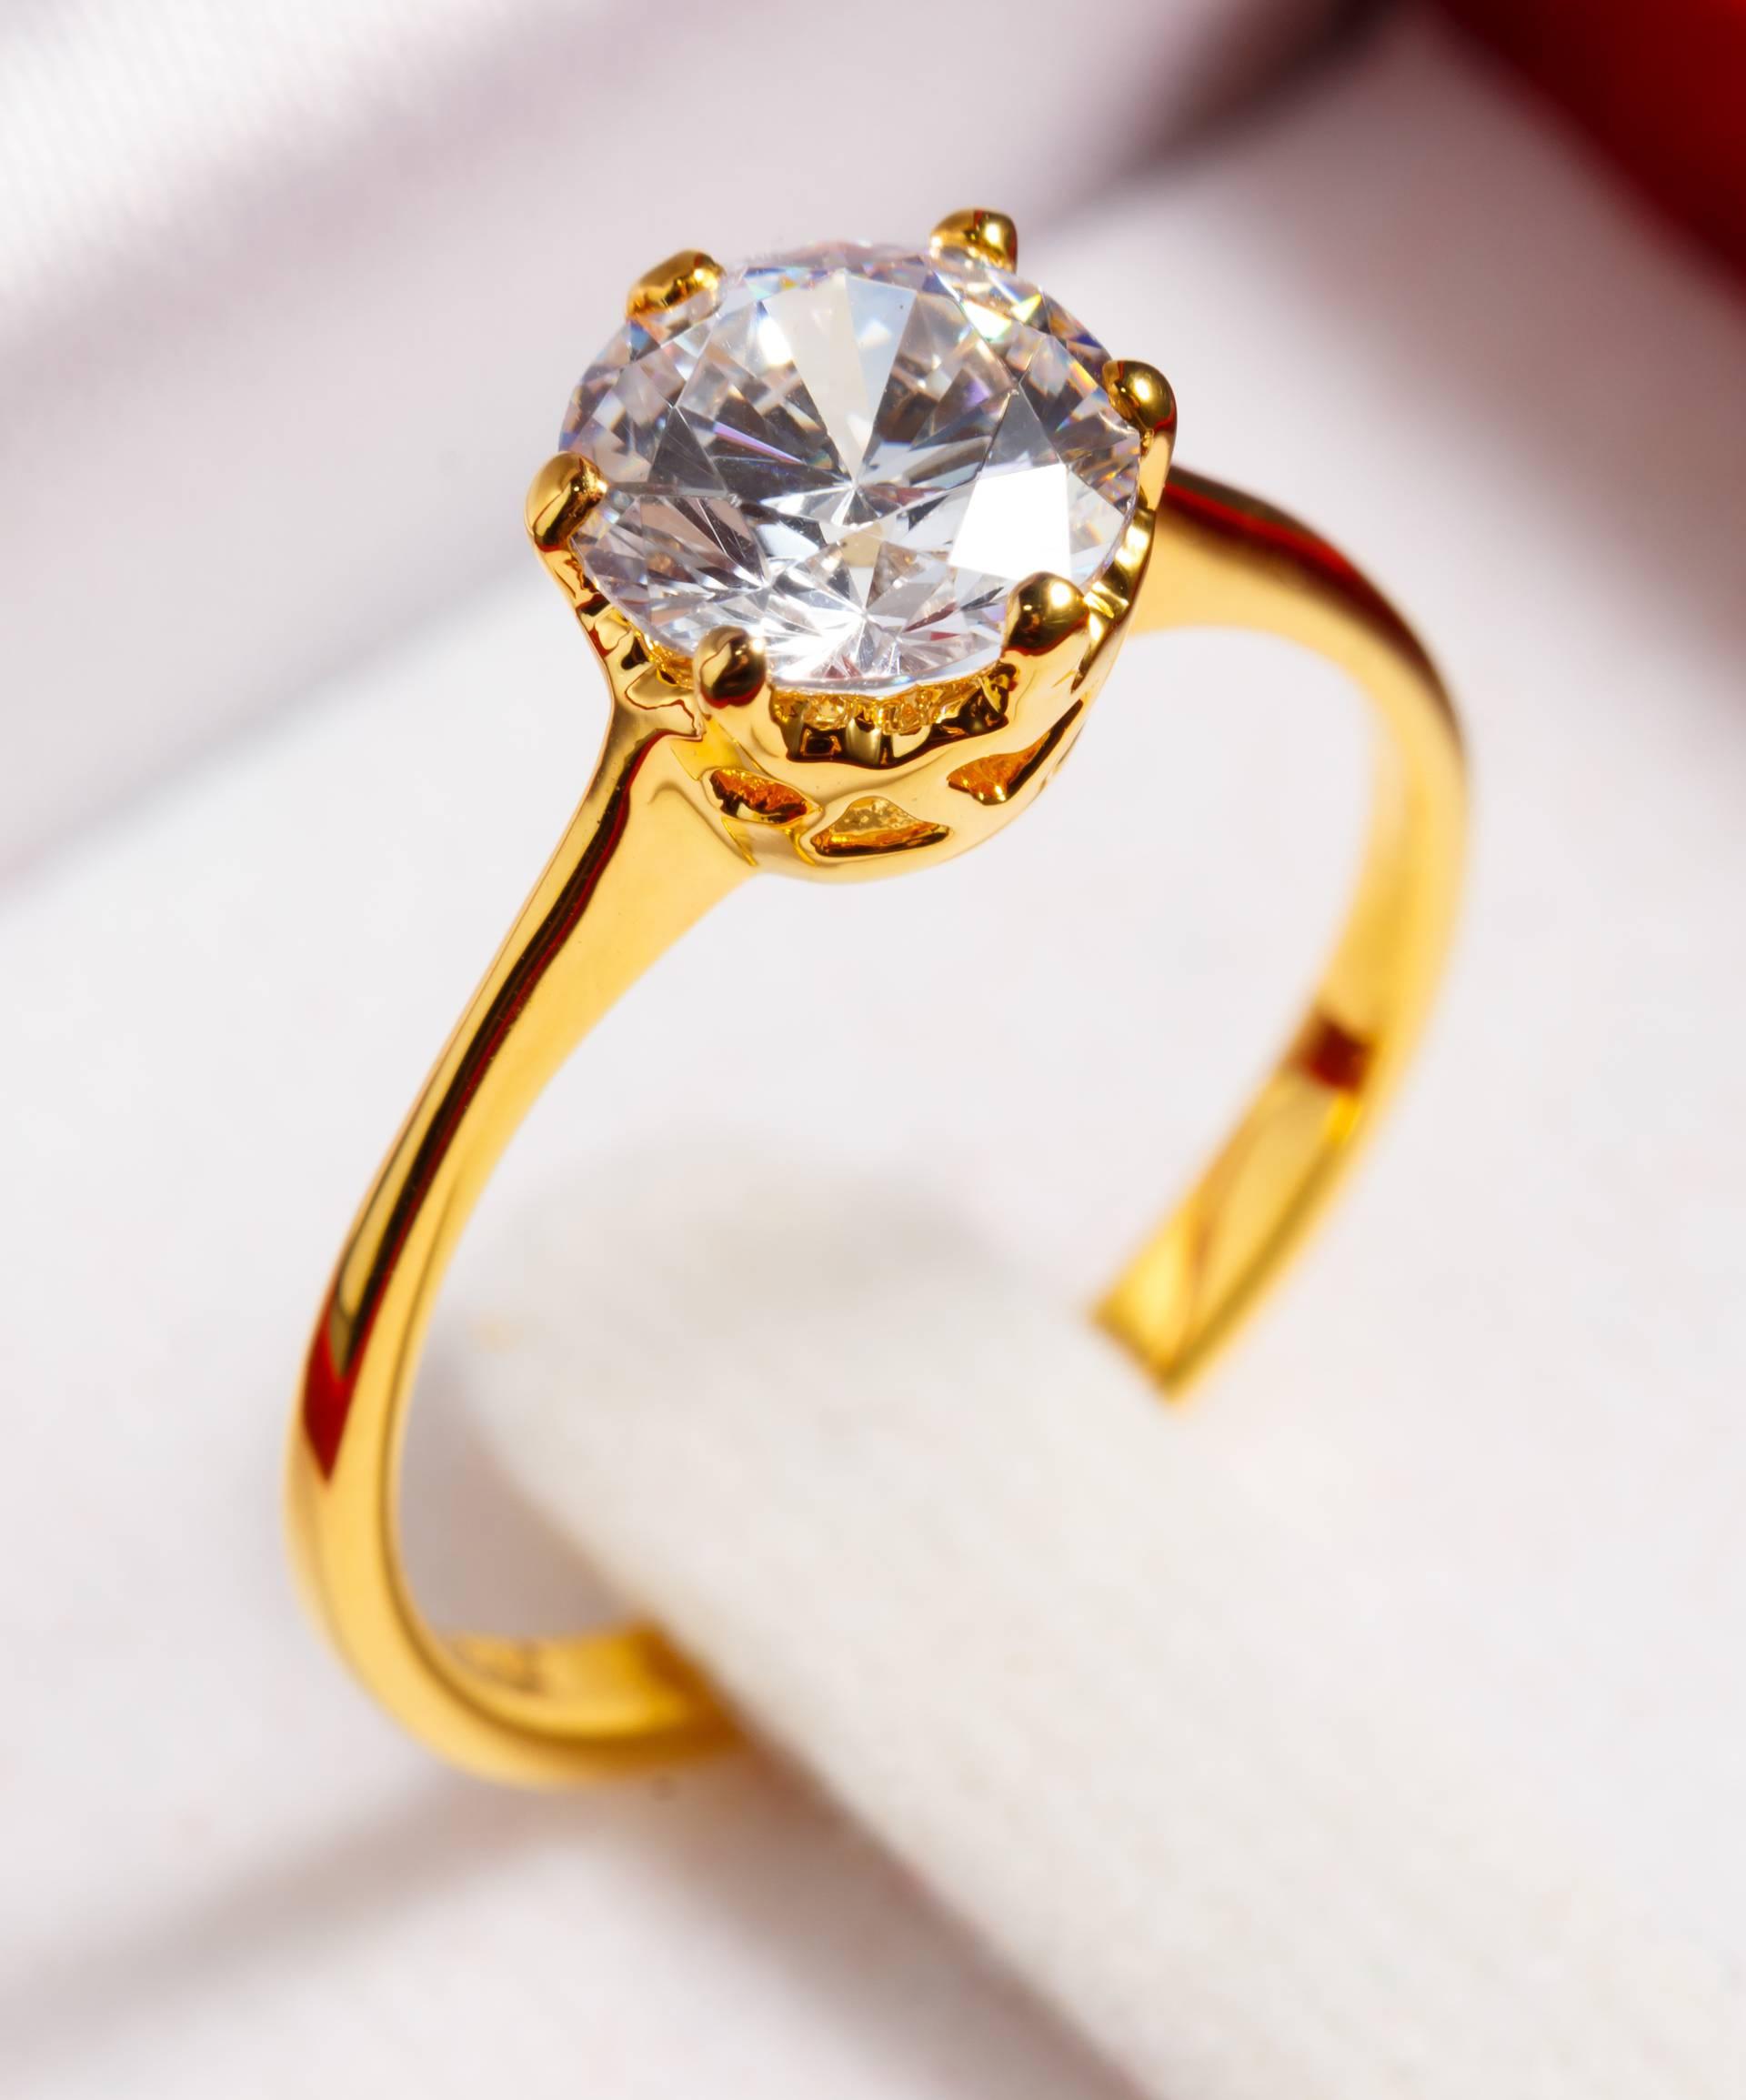 Kako prepoznati pravi dijamant - ovo su razlike njega i cirkona